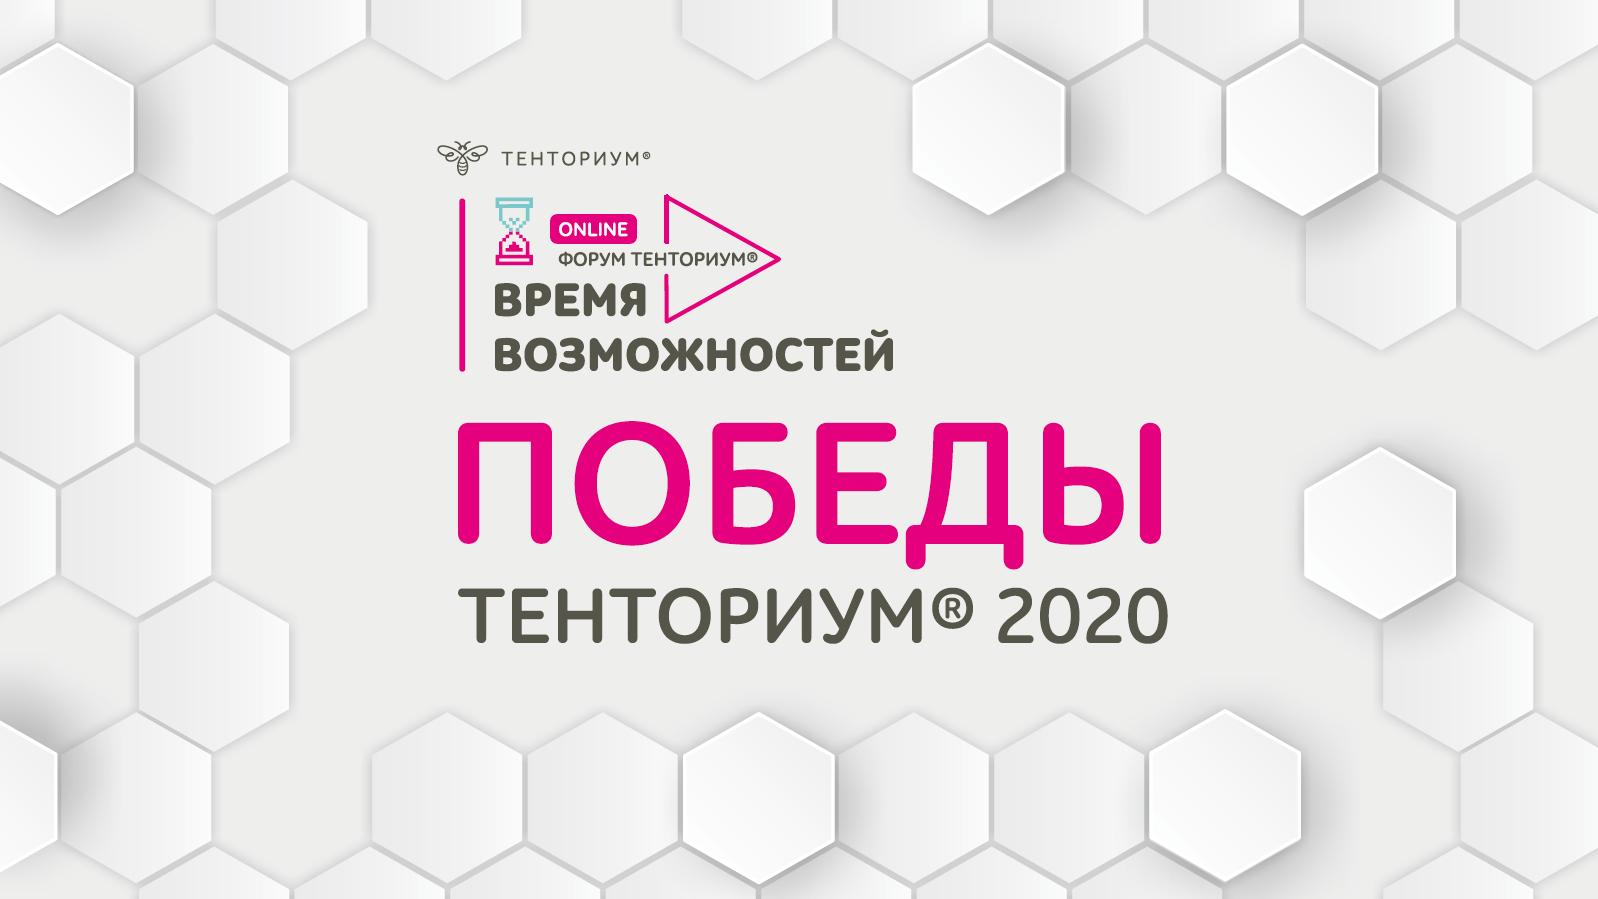 Online-форум ТЕНТОРИУМ®: более 4000 участников, презентация новинок и фантастические результаты научных проектов